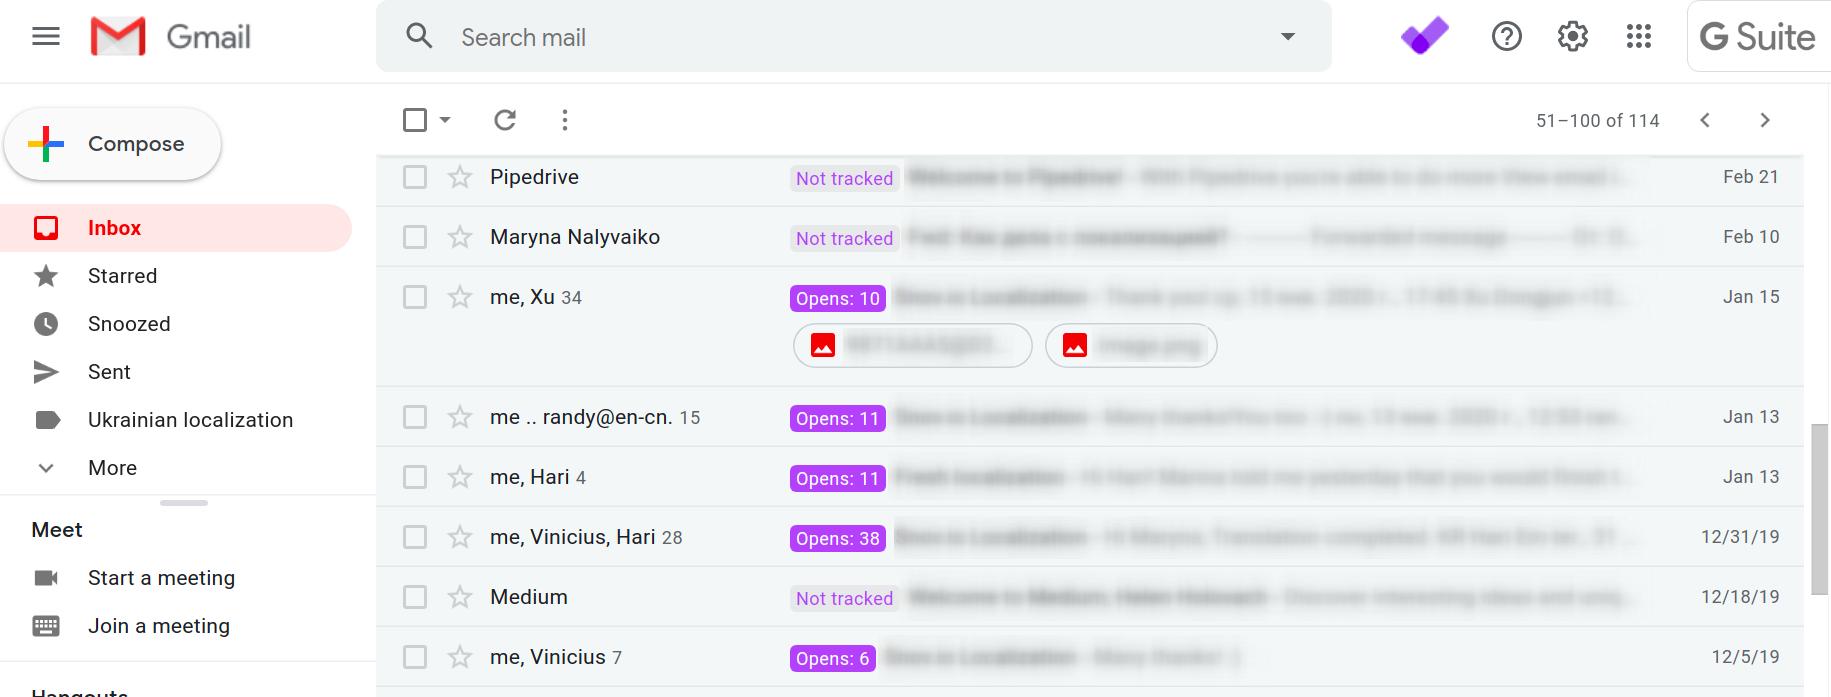 Як відстежувати вихідну пошту в акаунті Gmail